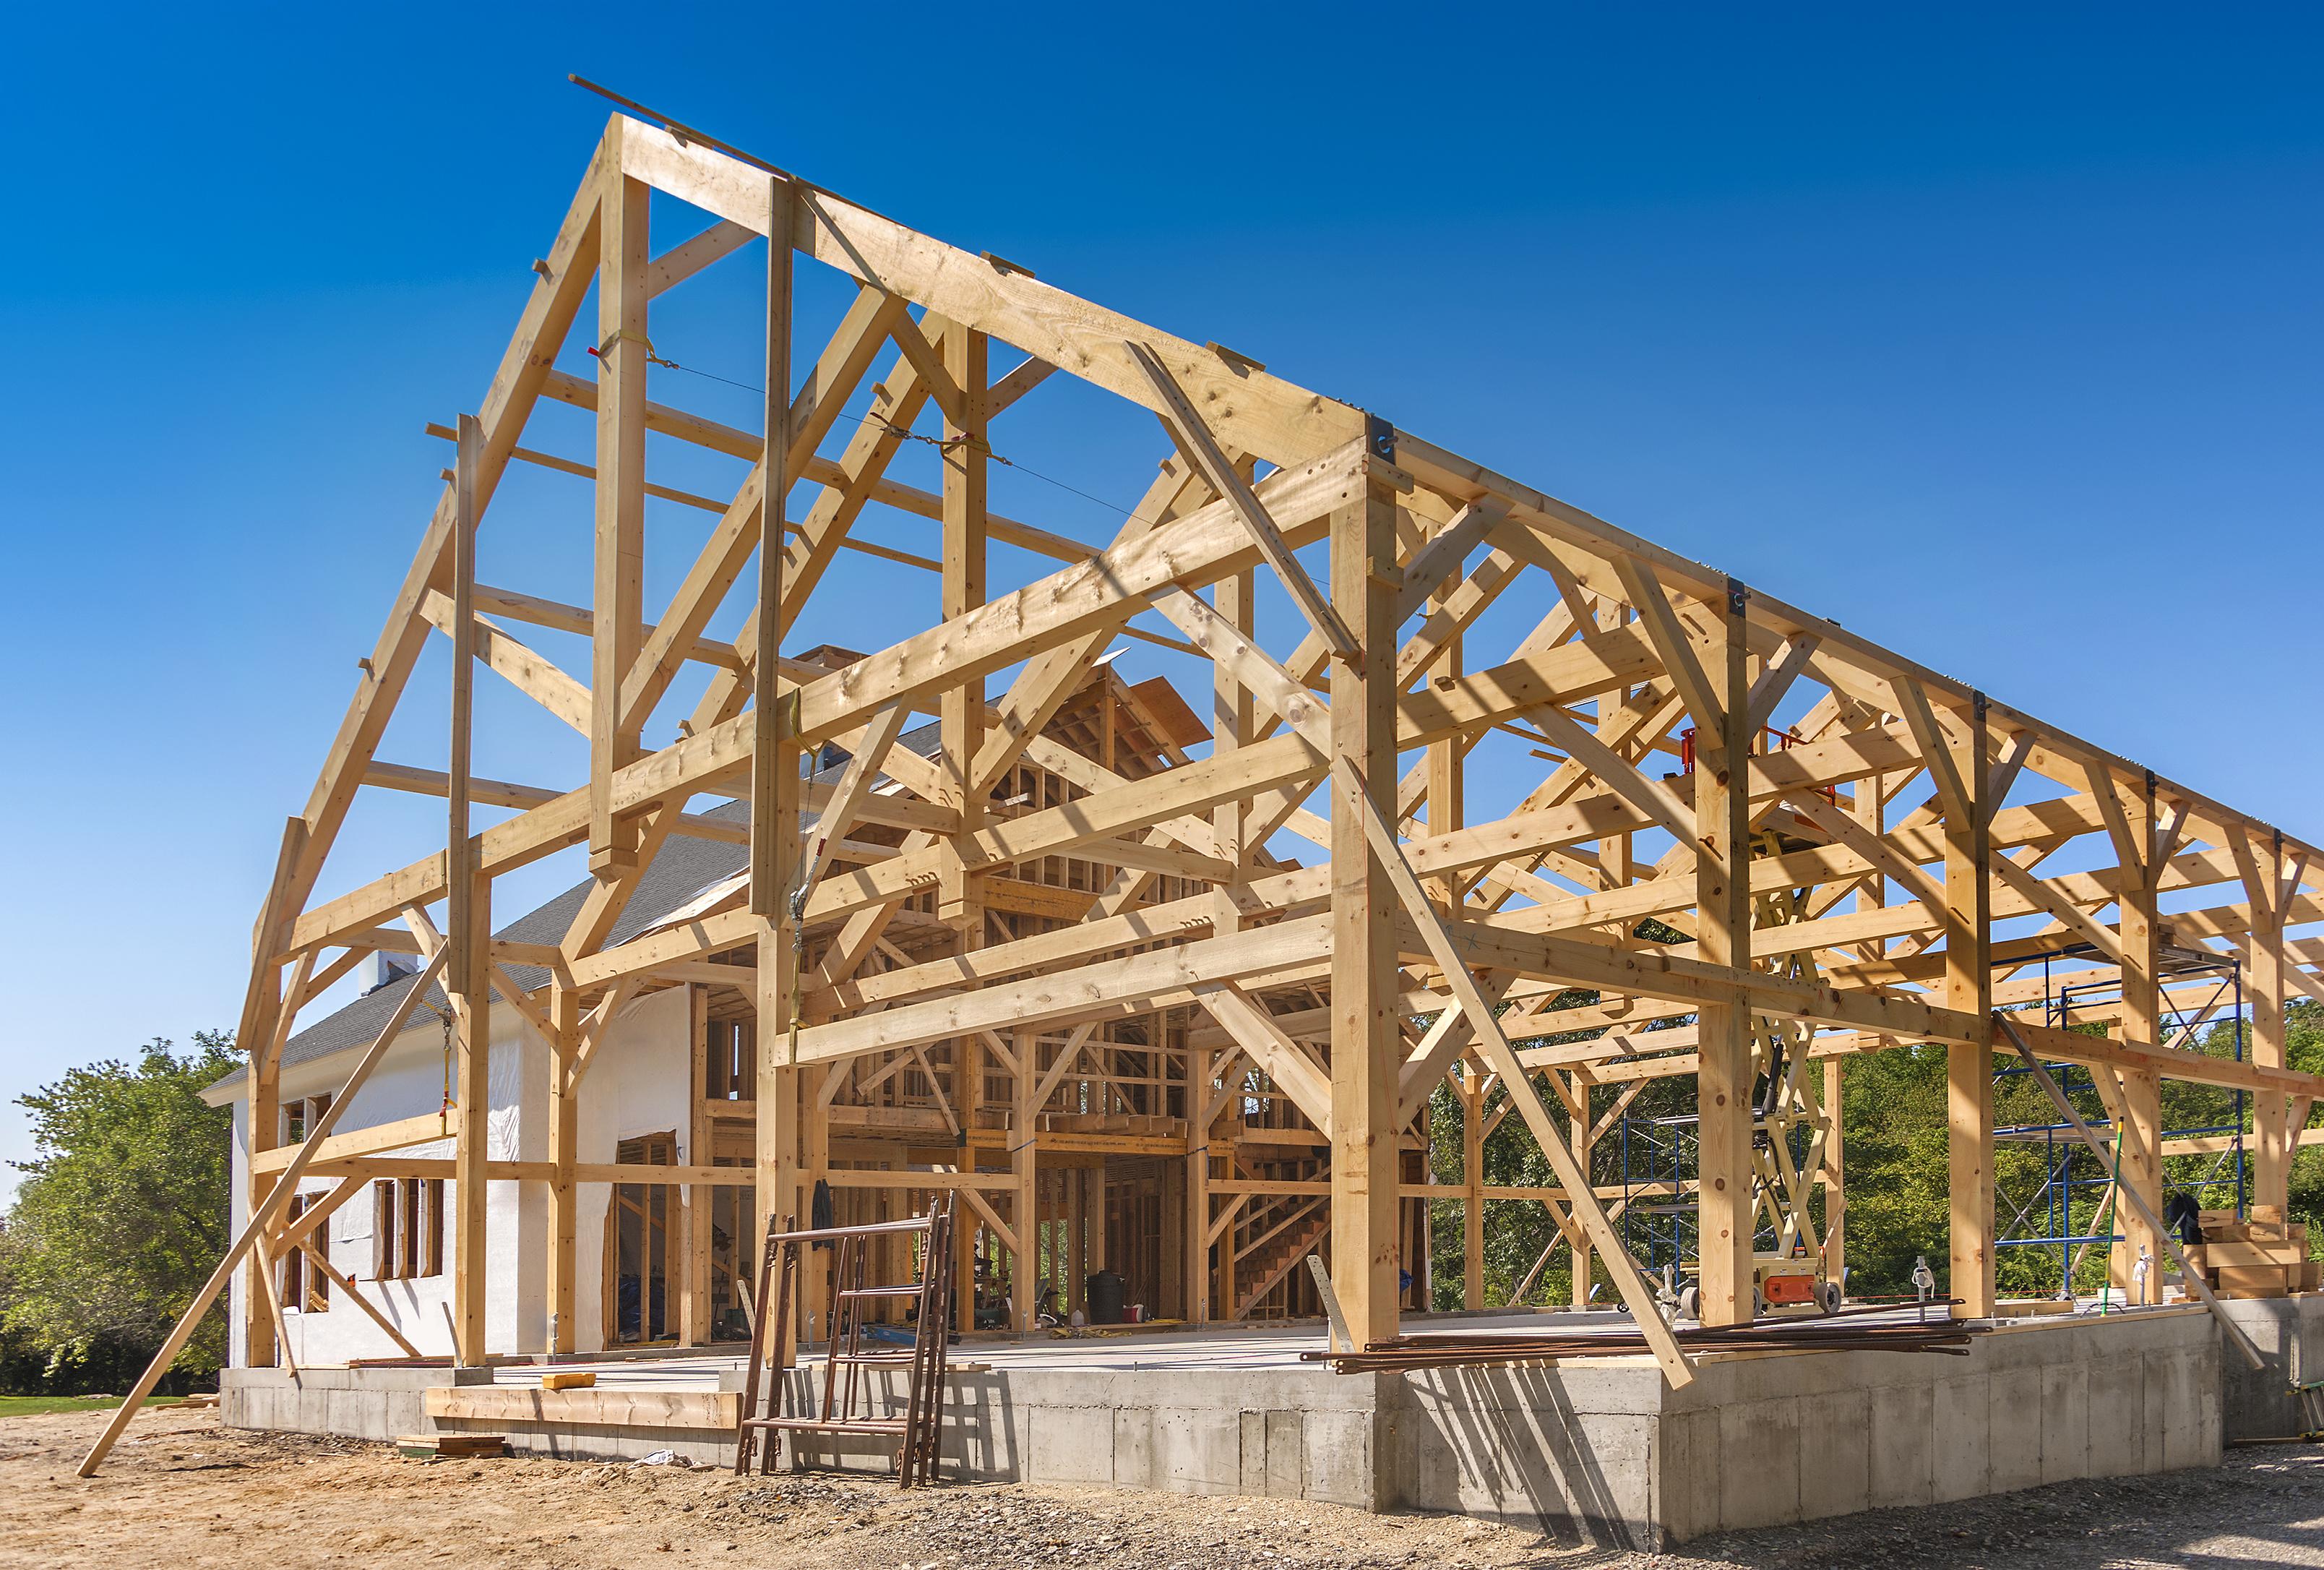 Каркасный дом из нижней и верхней обвязки, которая выполняется из бруса или круглого леса